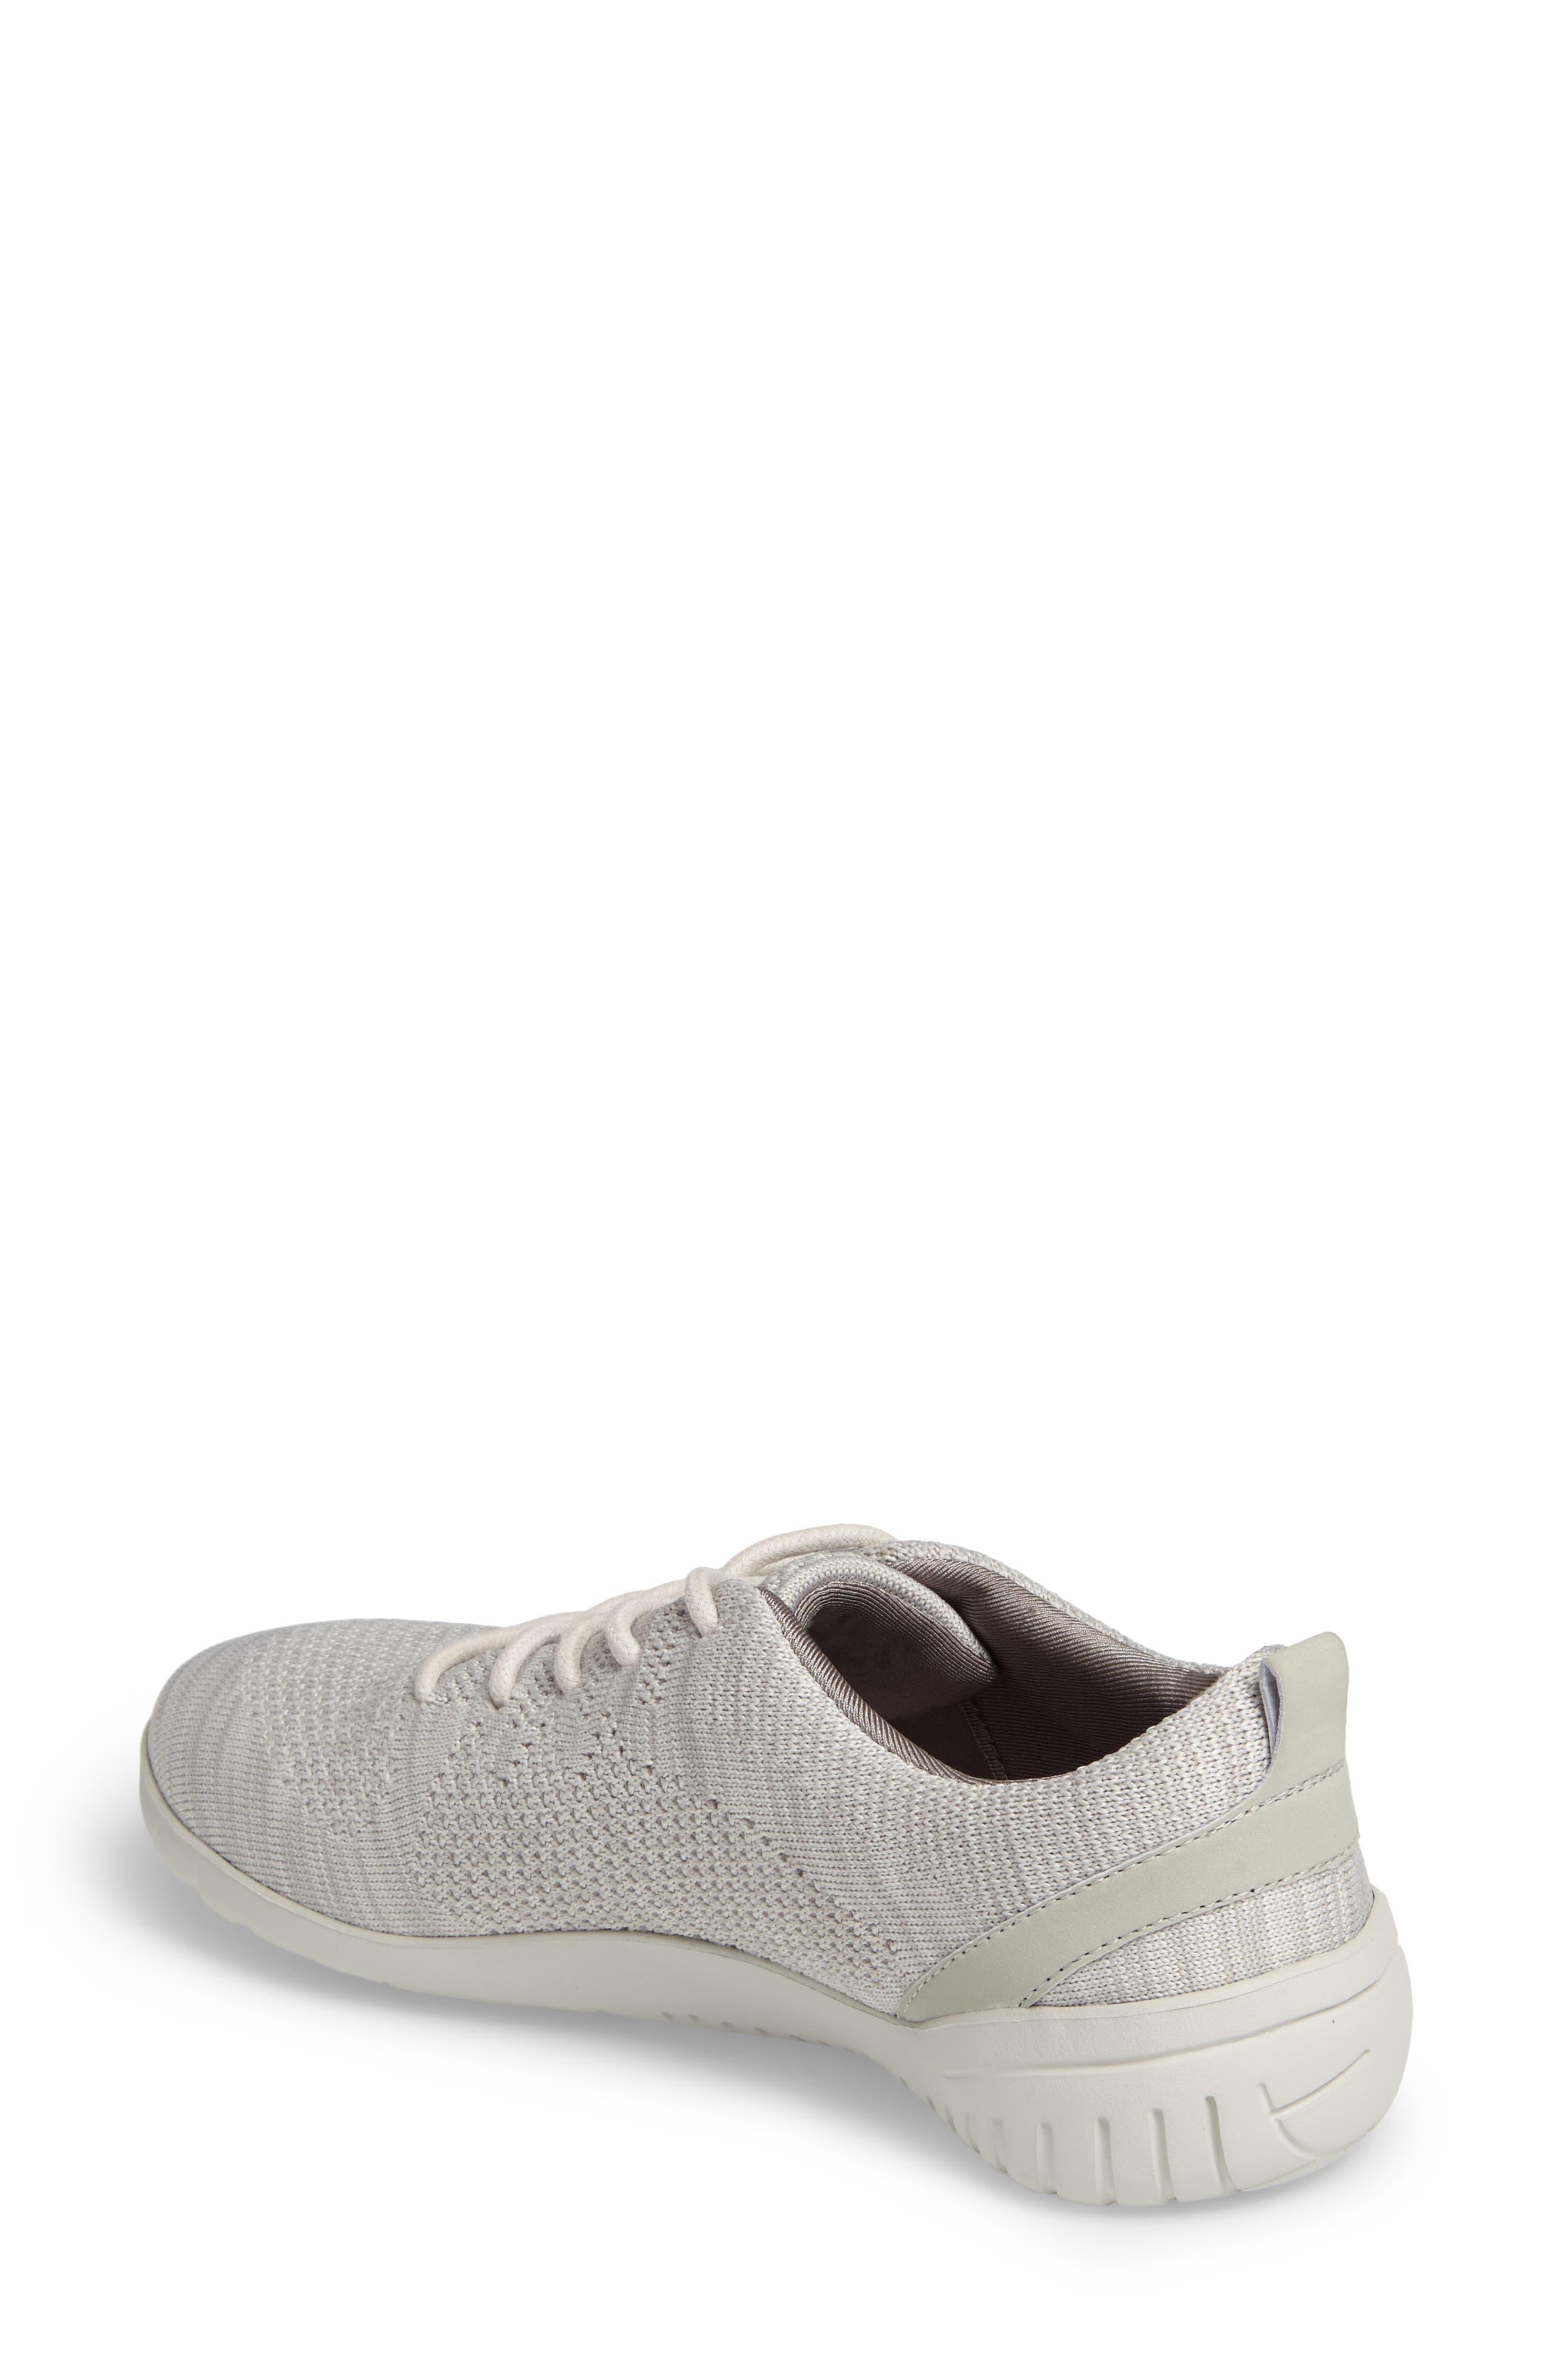 Alternate Image 2  - Rockport Raelyn Knit Sneaker (Women)